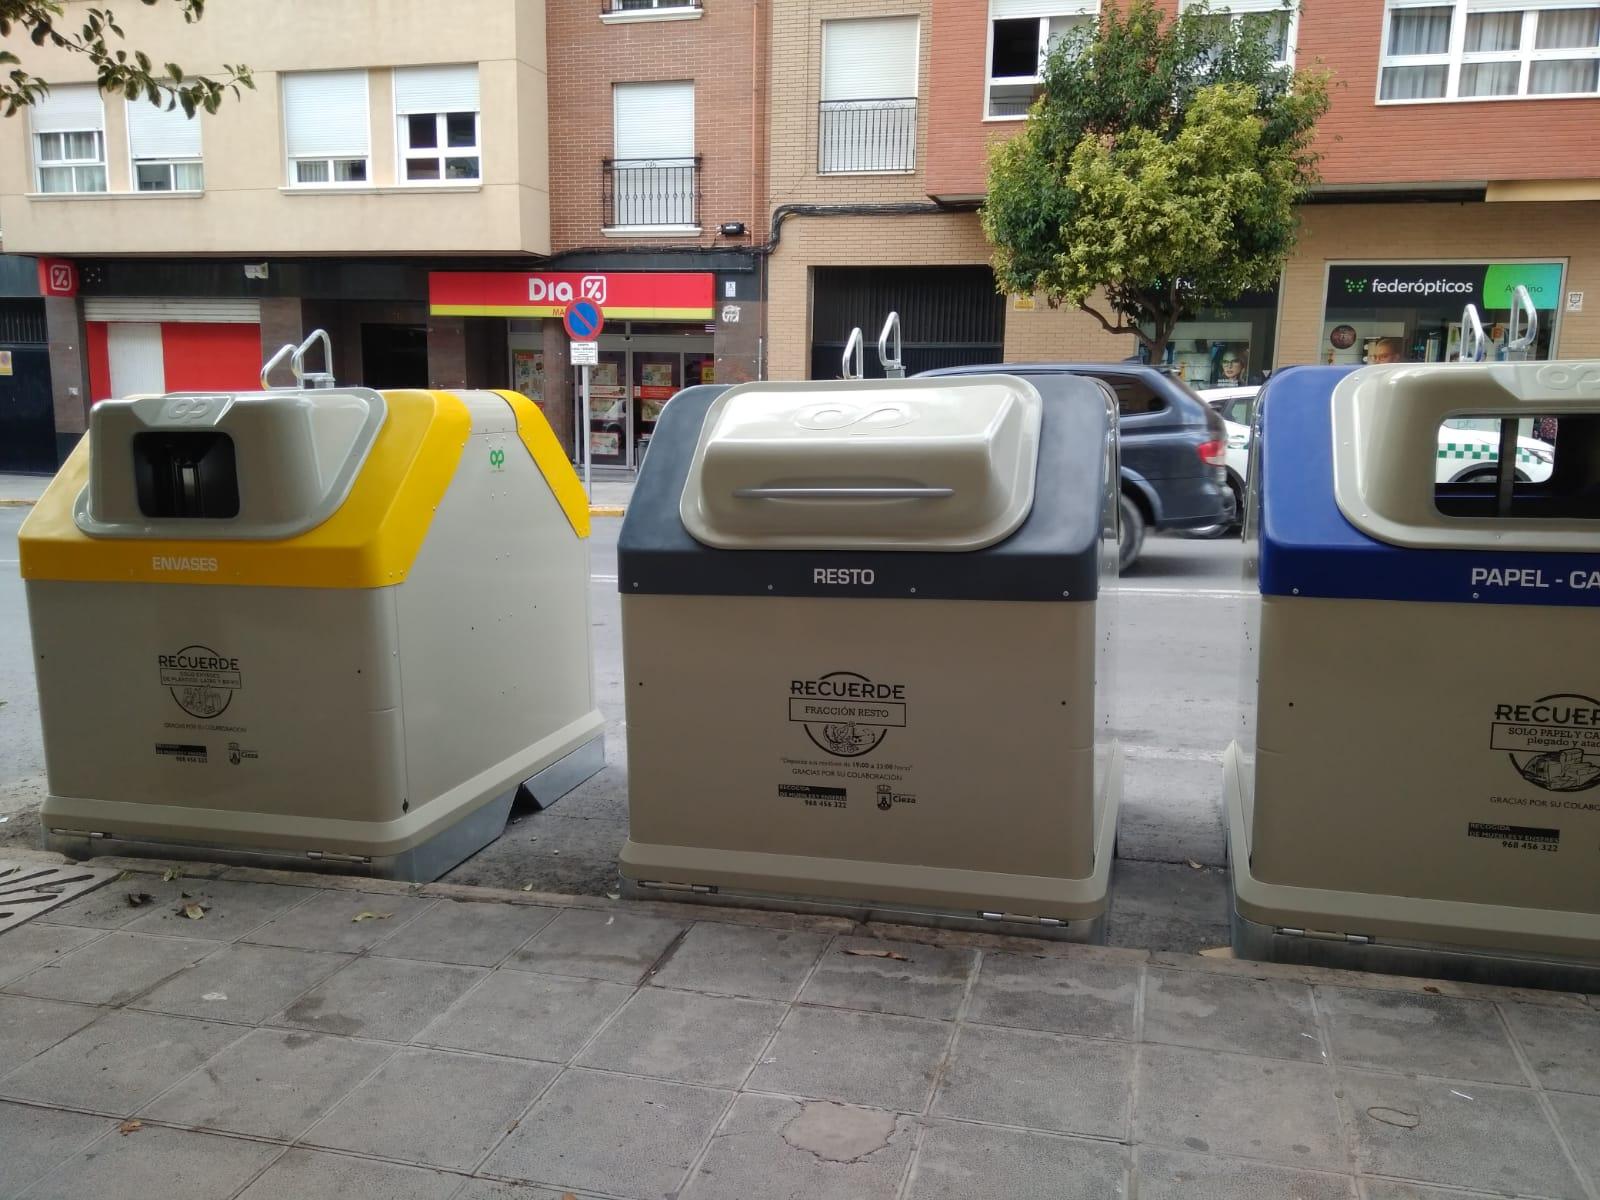 saorin-anuncia-la-instalacion-de-nuevos-modelos-de-contenedores-para-mejorar-el-servicio-de-recogida-de-basuras